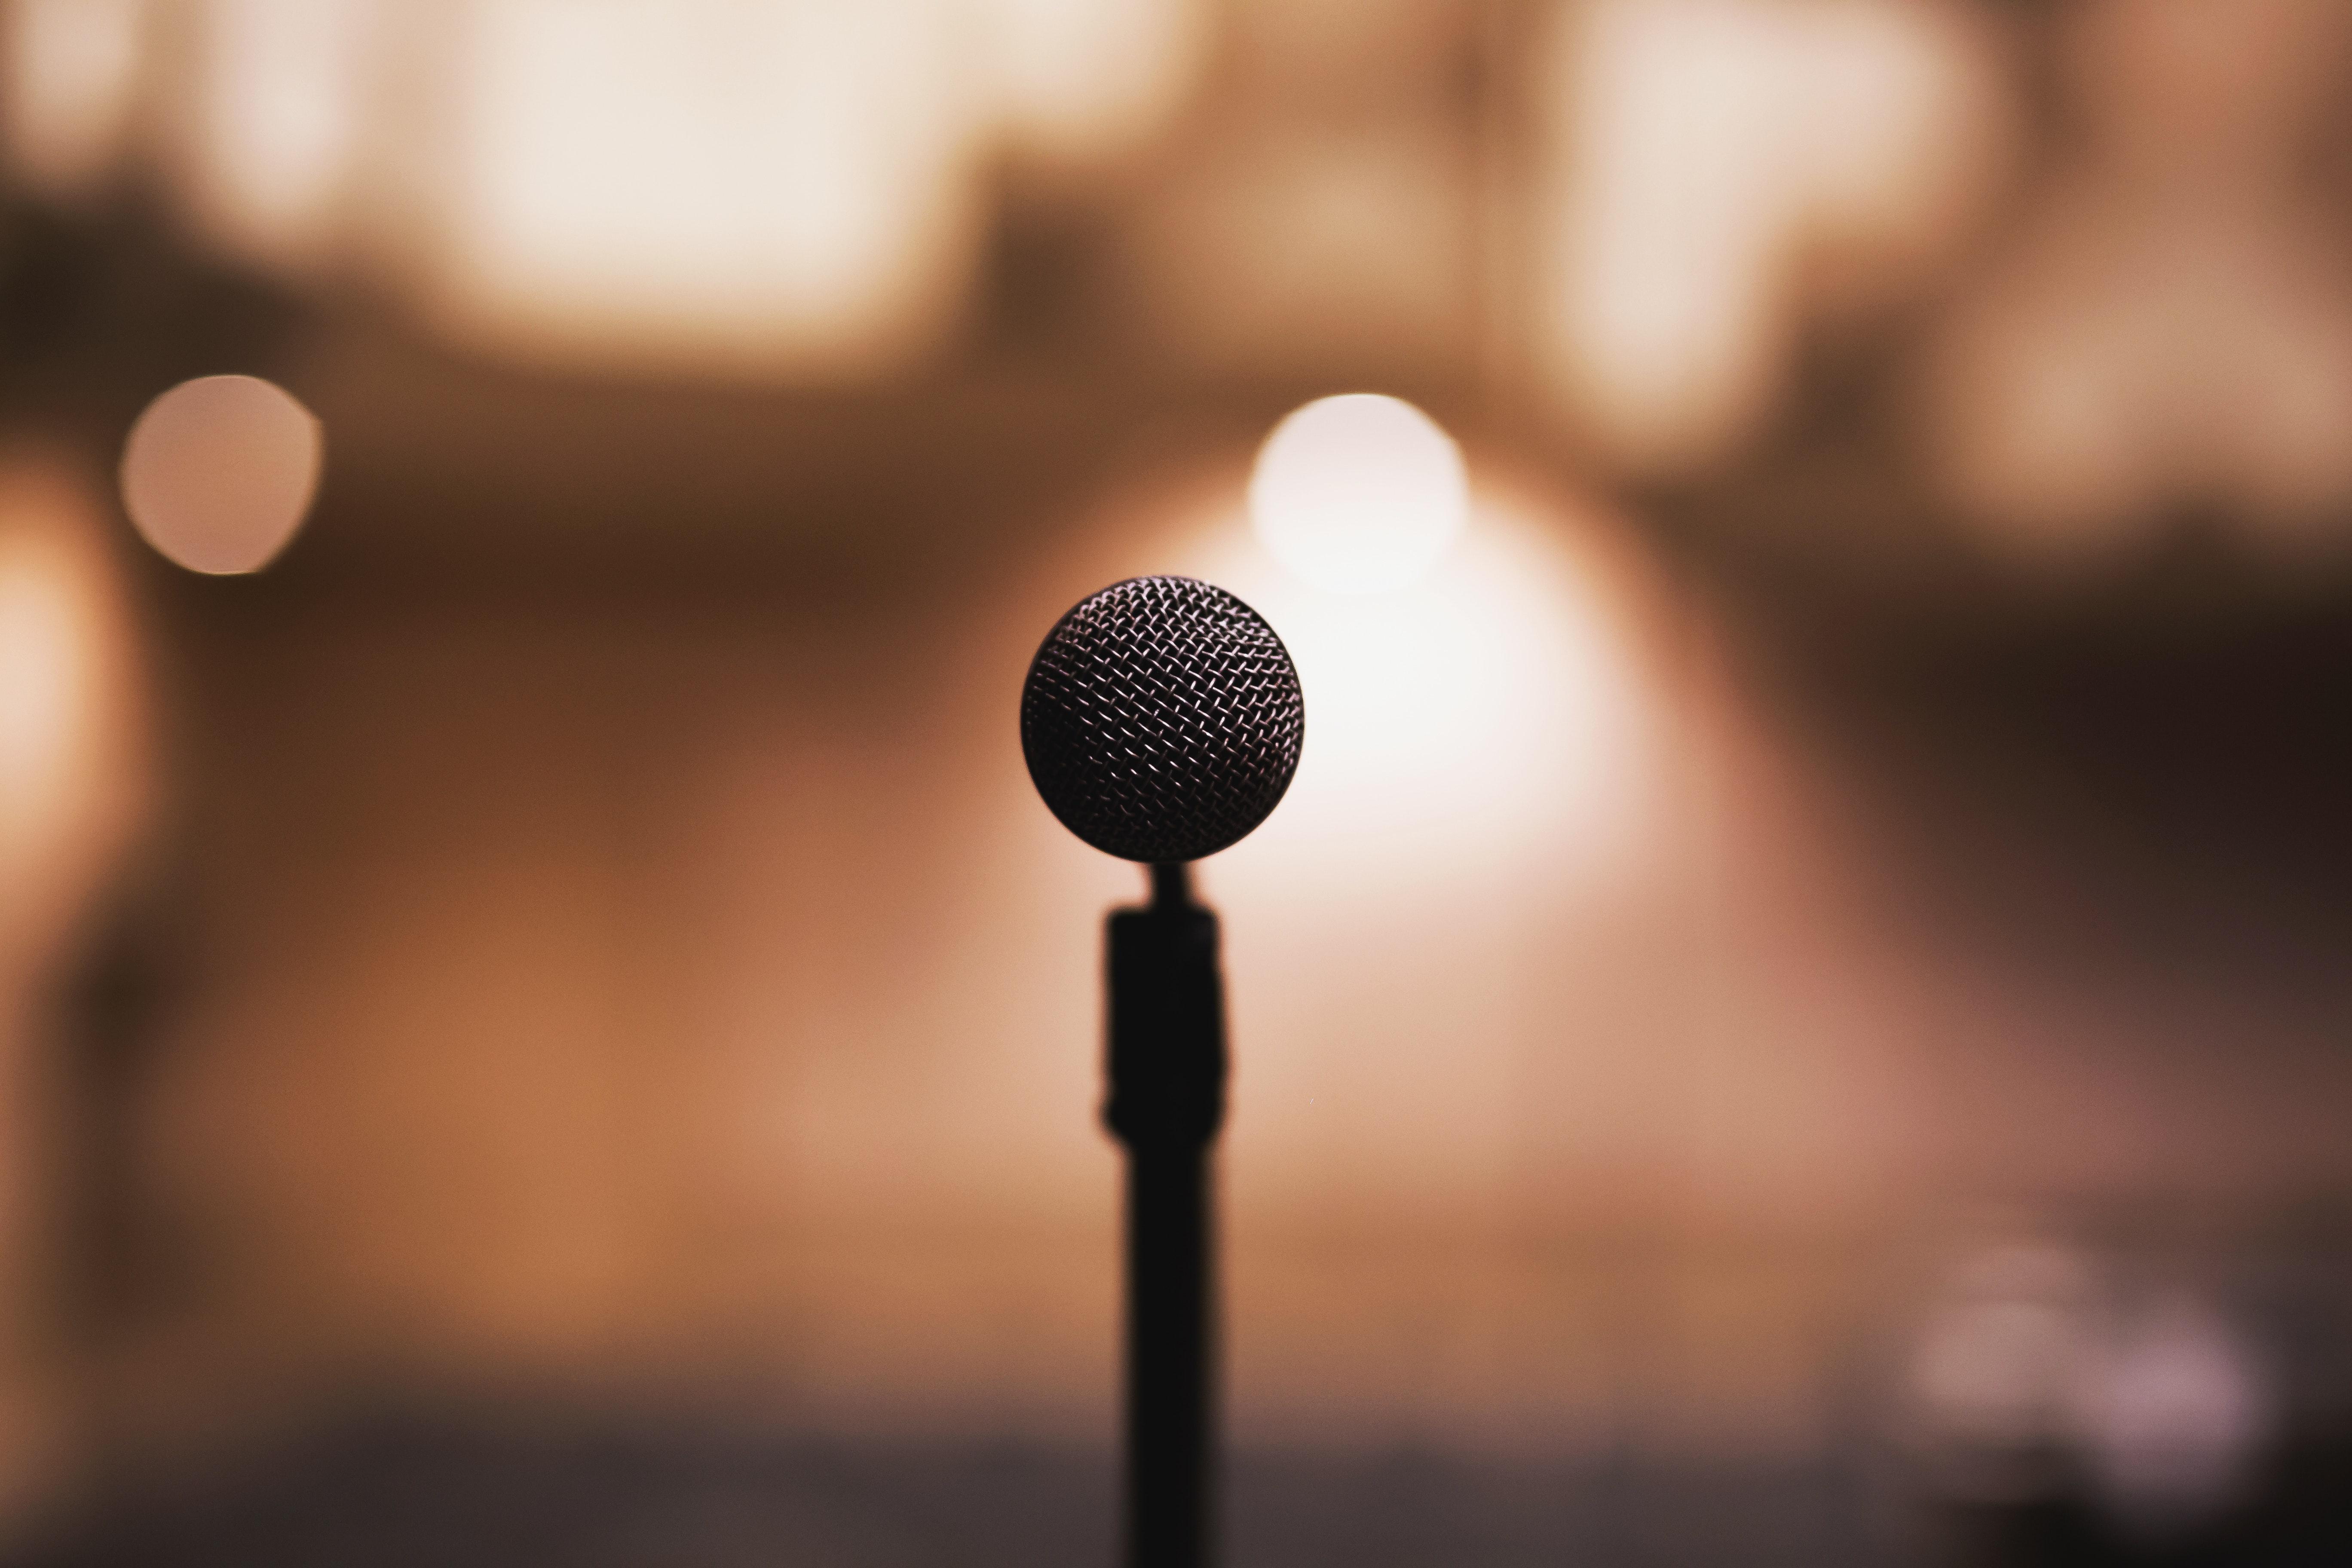 Mikrofon står alene